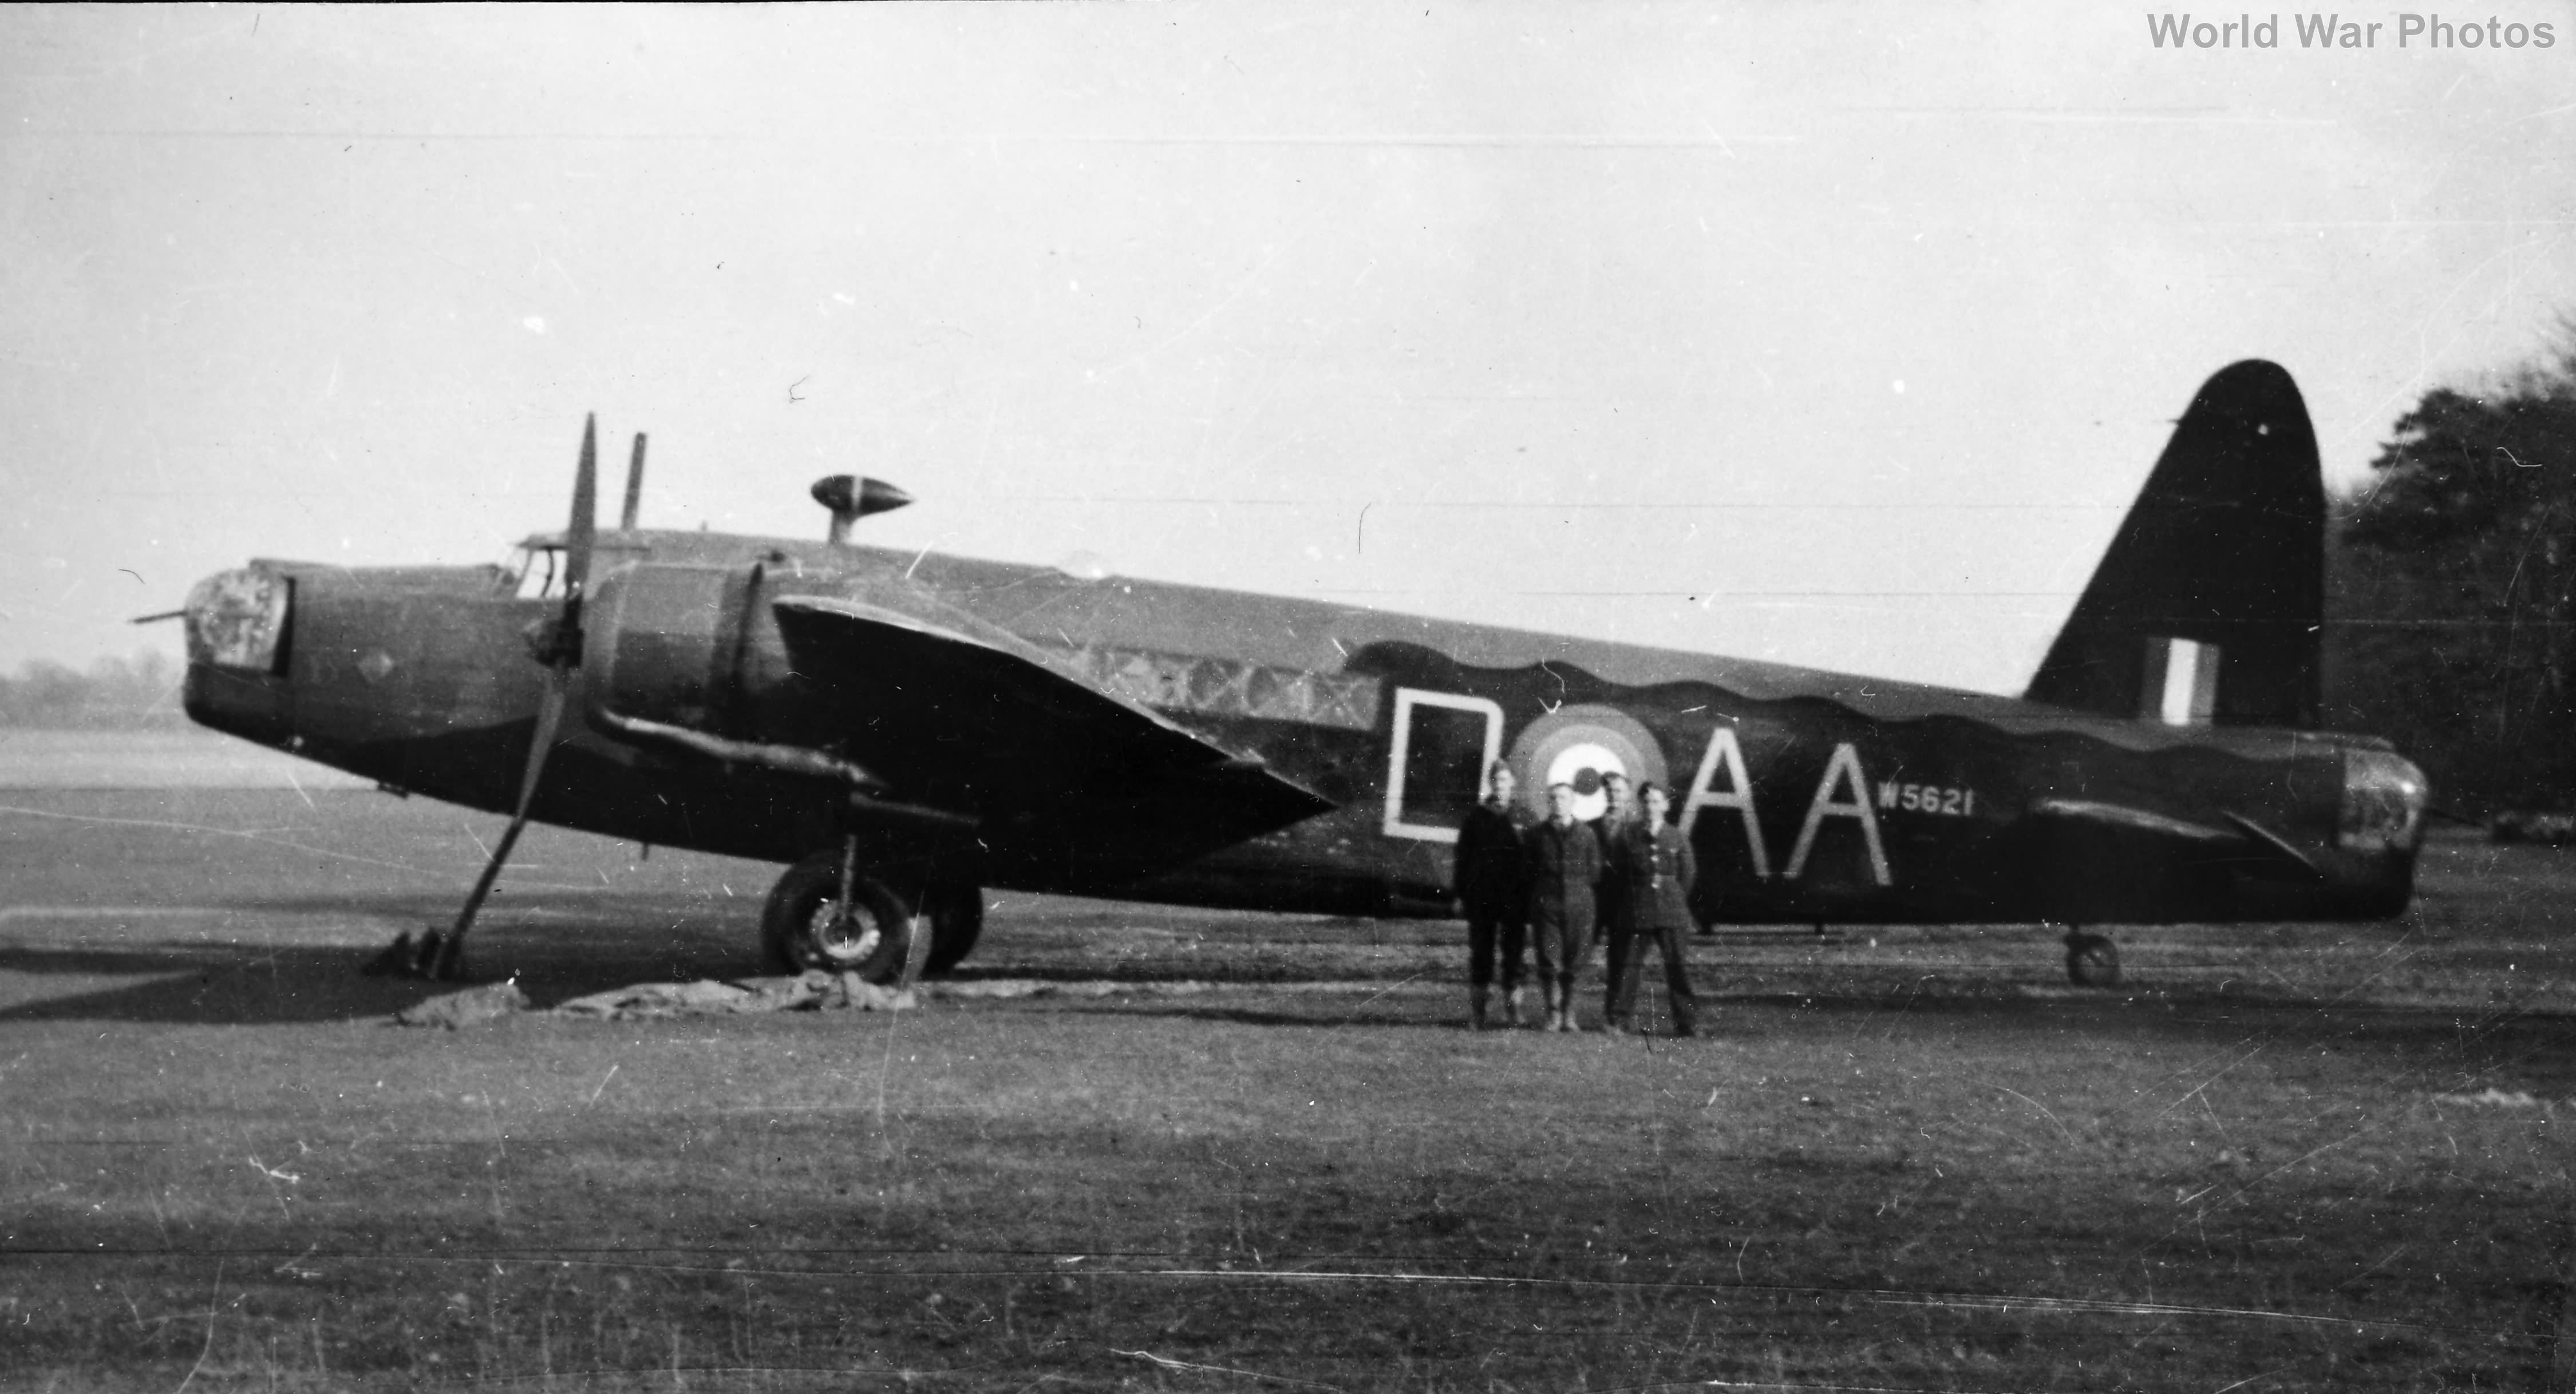 75 Squadron Vickers Wellington IC W5621